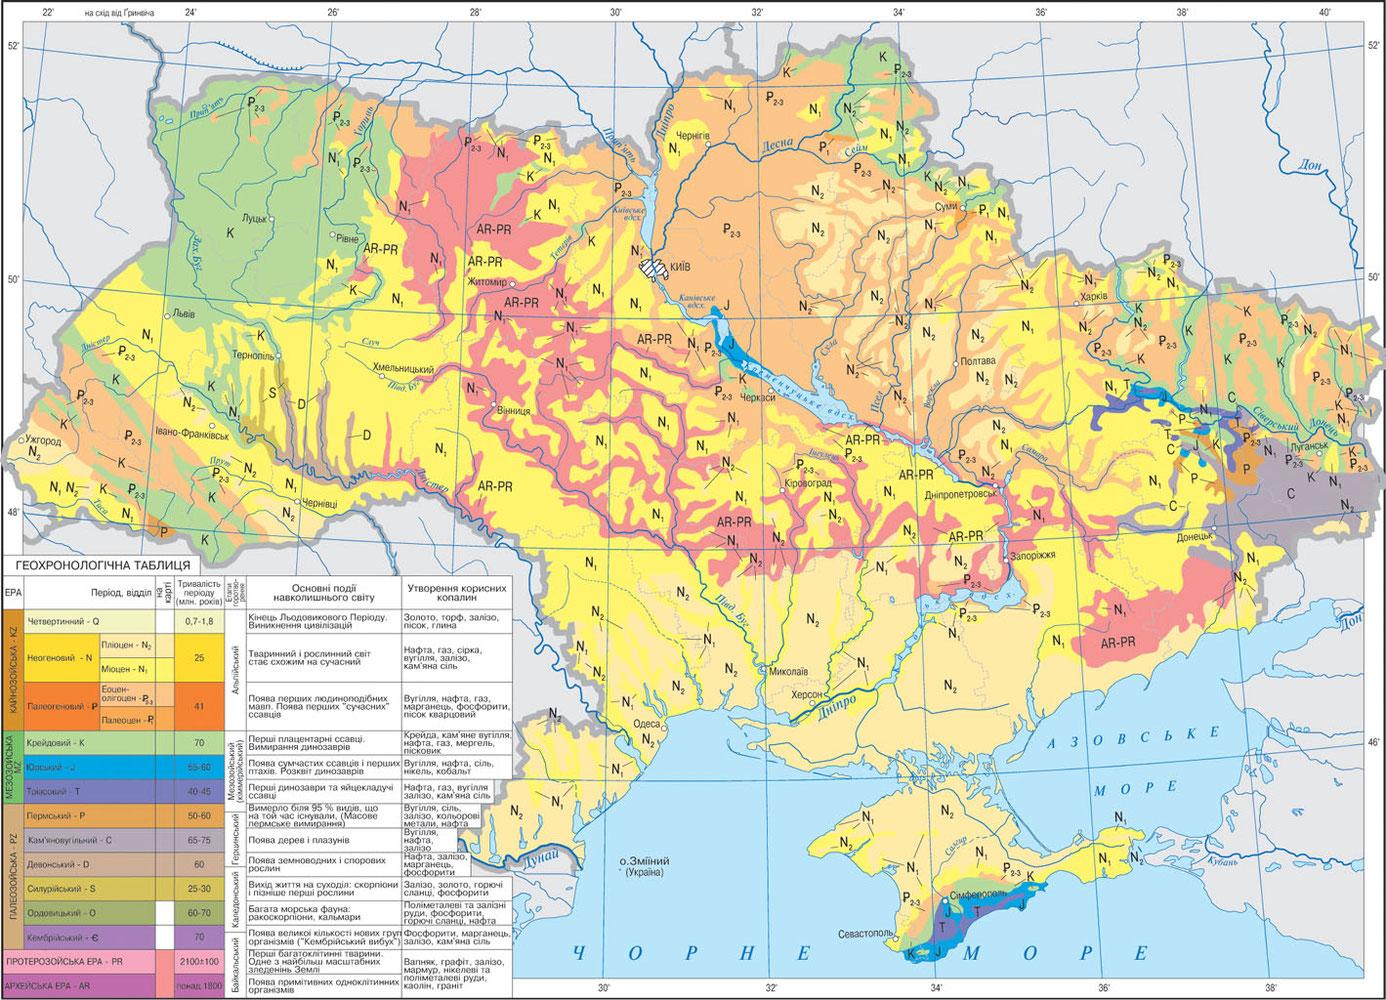 рівненська геологія карти корисних копалин разминки, когда уже